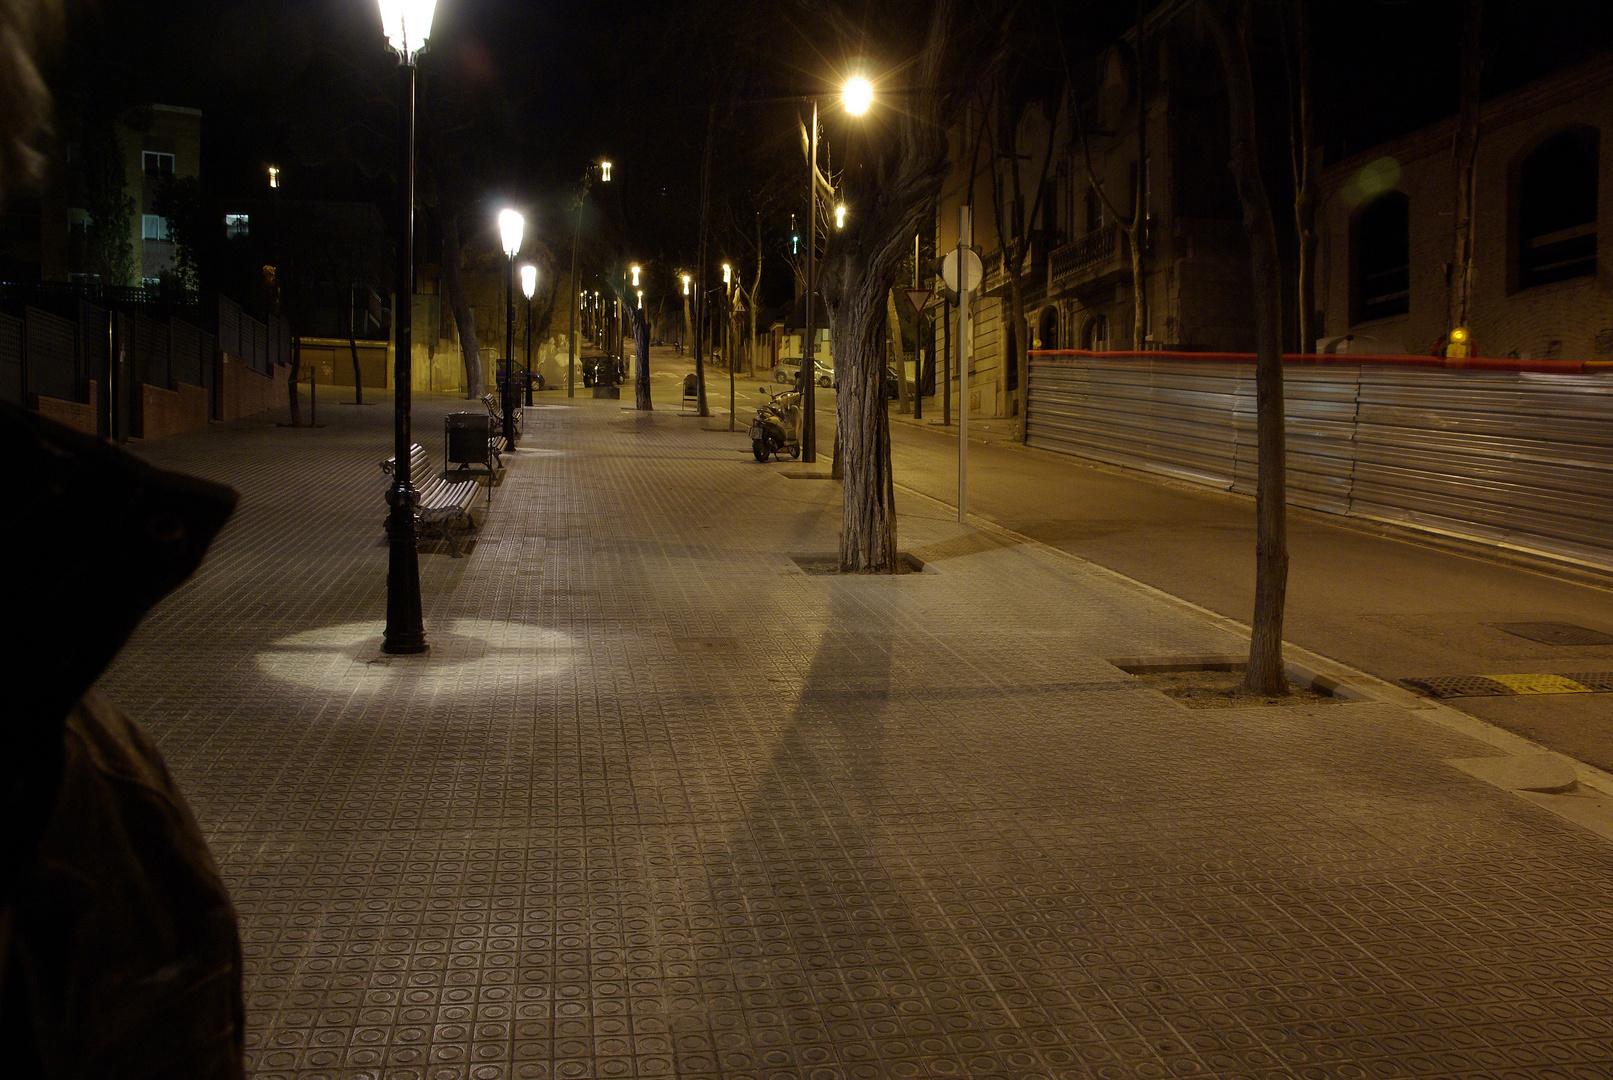 el espía nocturno